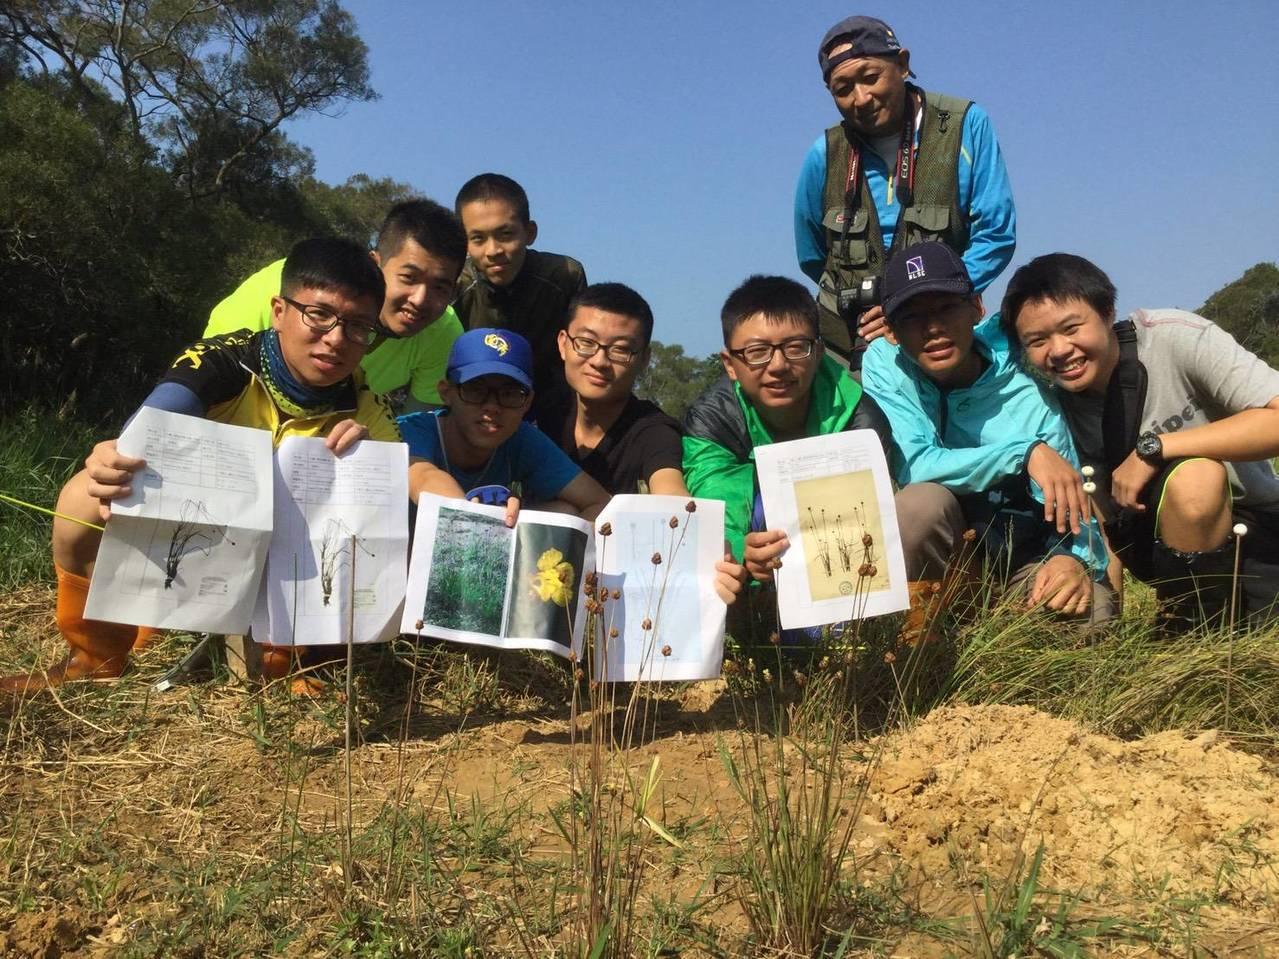 桃園武陵高中自行車隊上周施行新計畫,騎到100公里外的新竹,一睹臨滅絕物種「桃園...